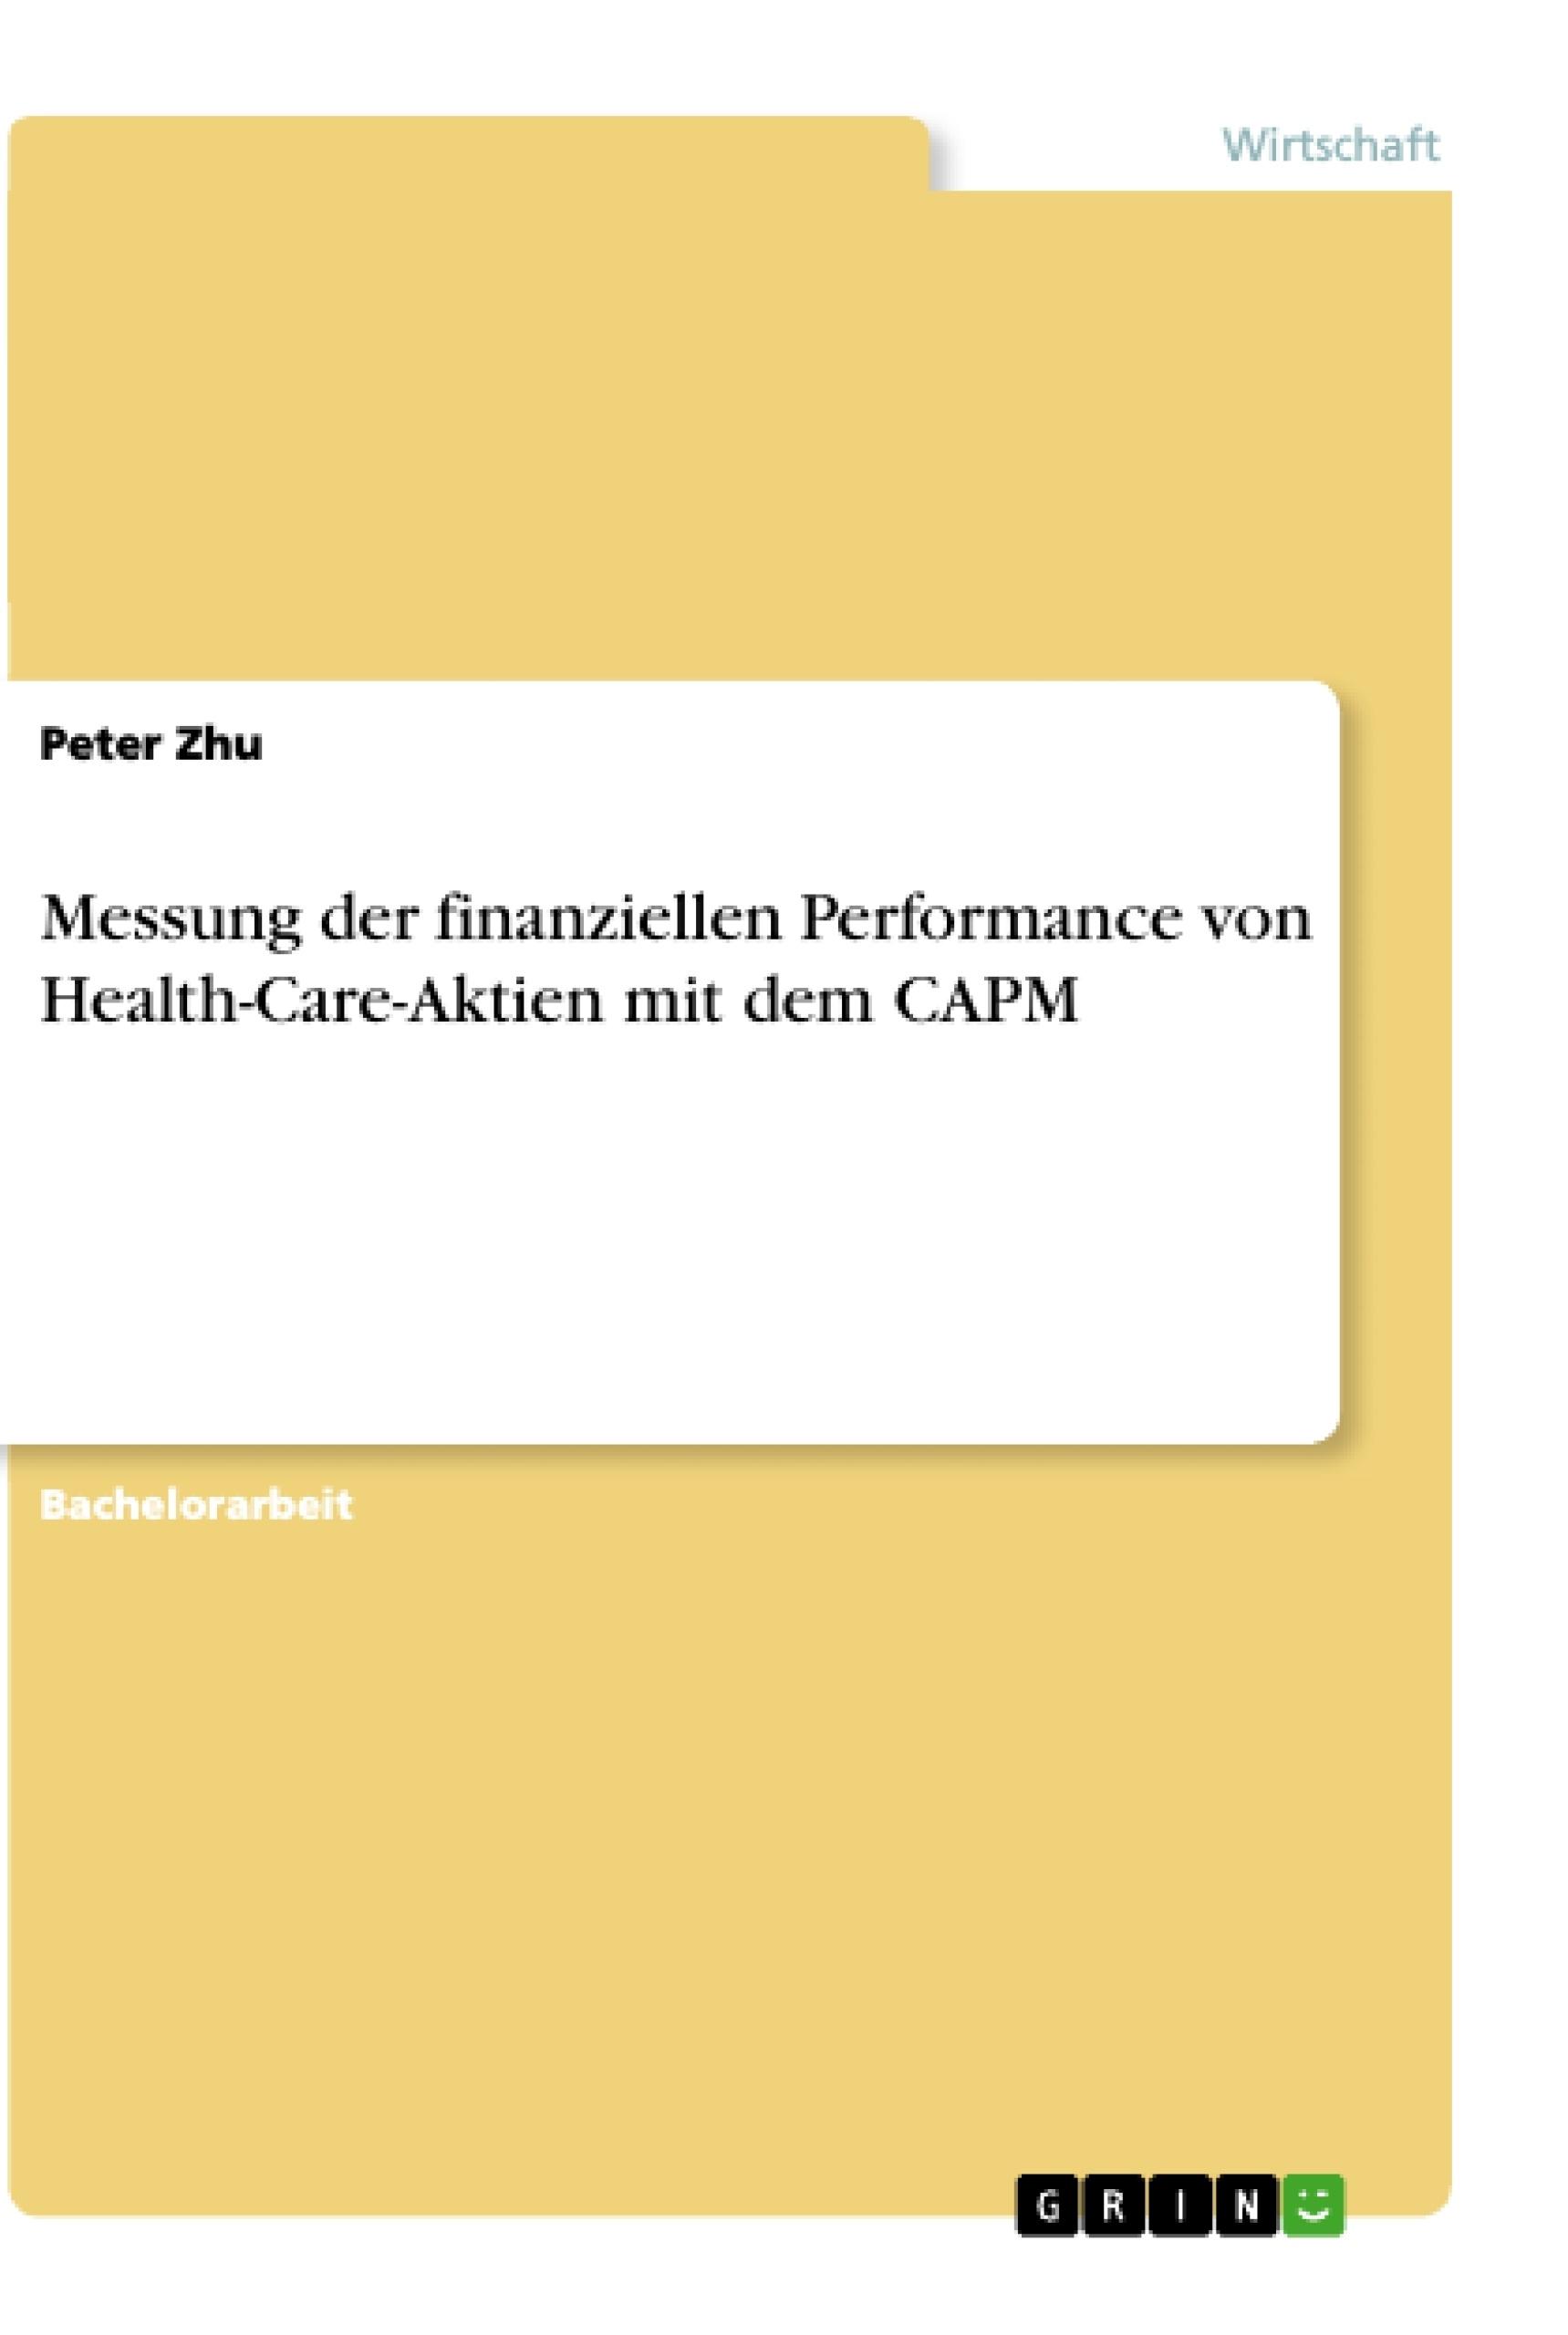 Titel: Messung der finanziellen Performance von Health-Care-Aktien mit dem CAPM